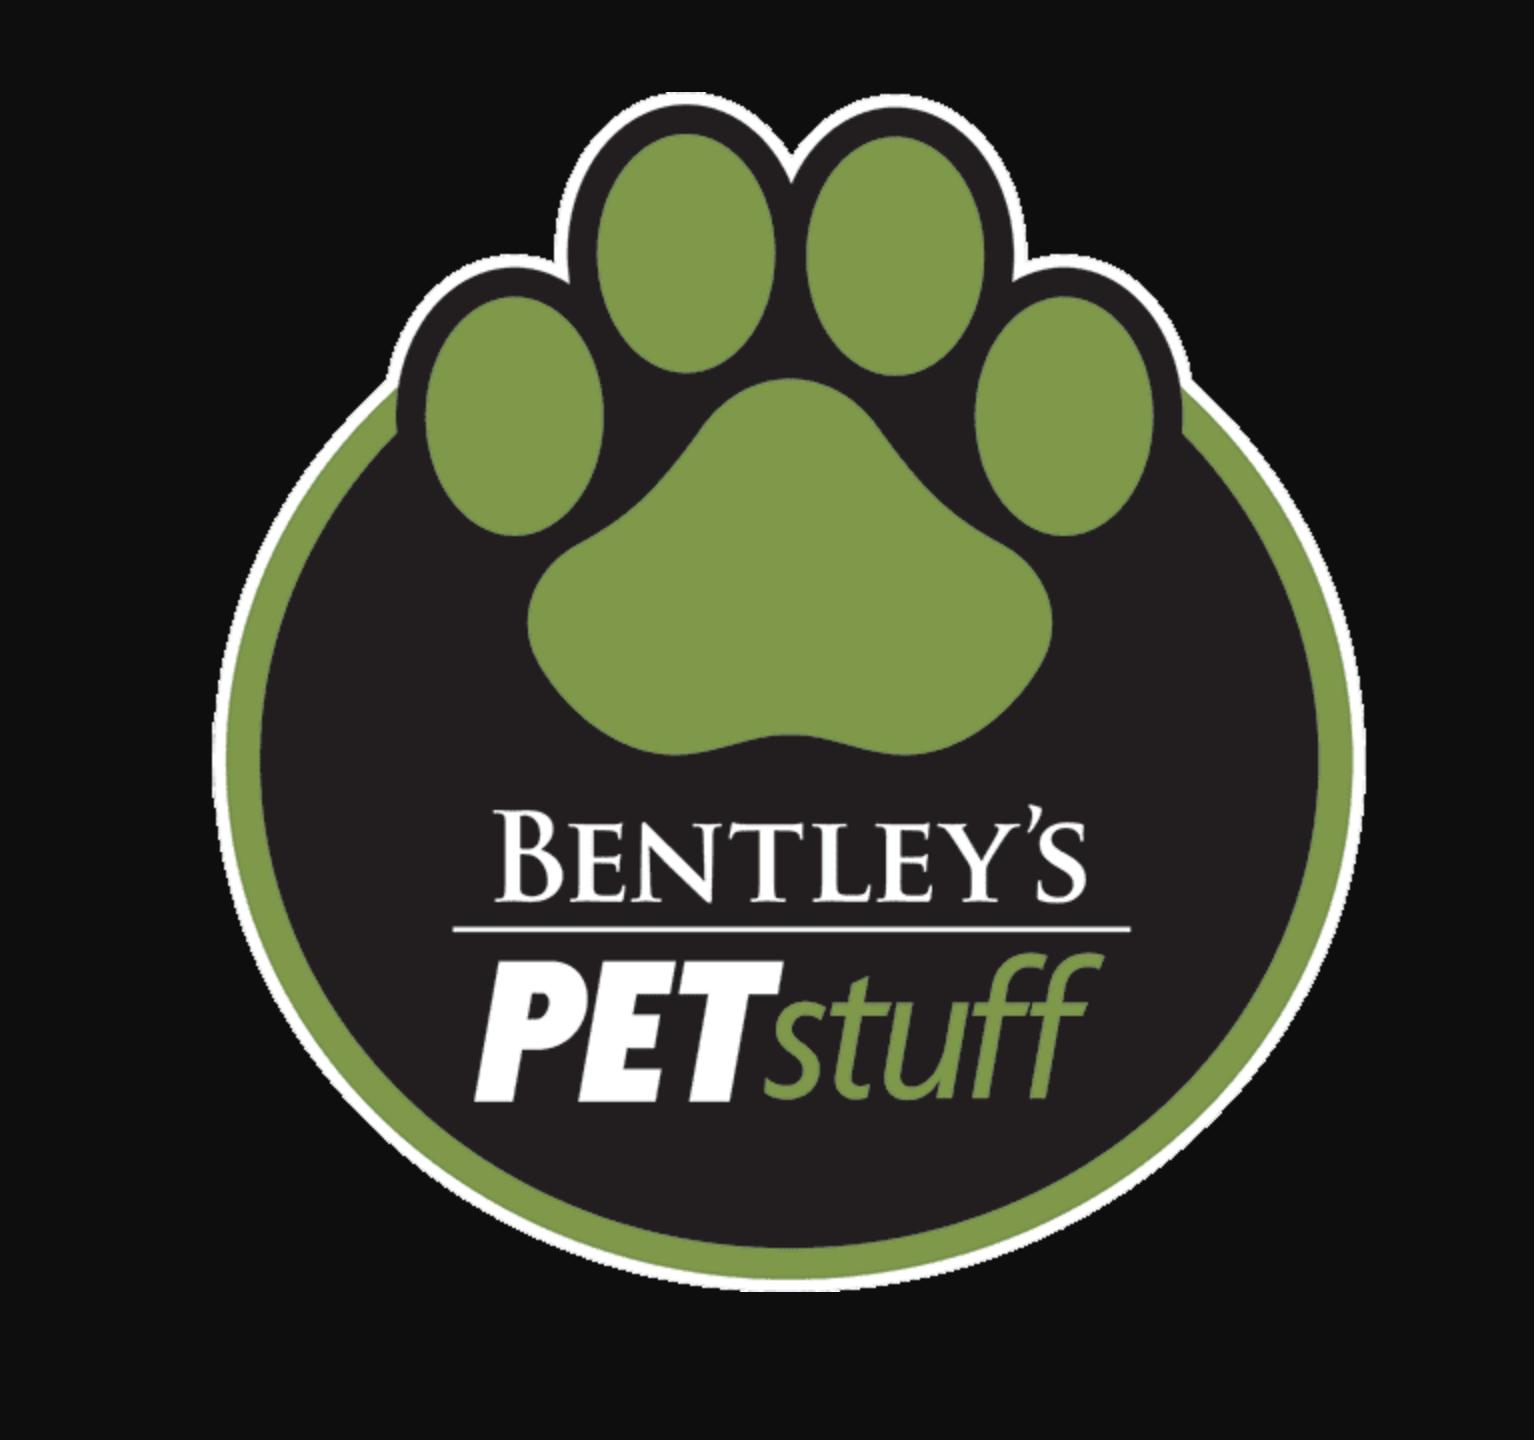 Bentley's Pet Sfuff